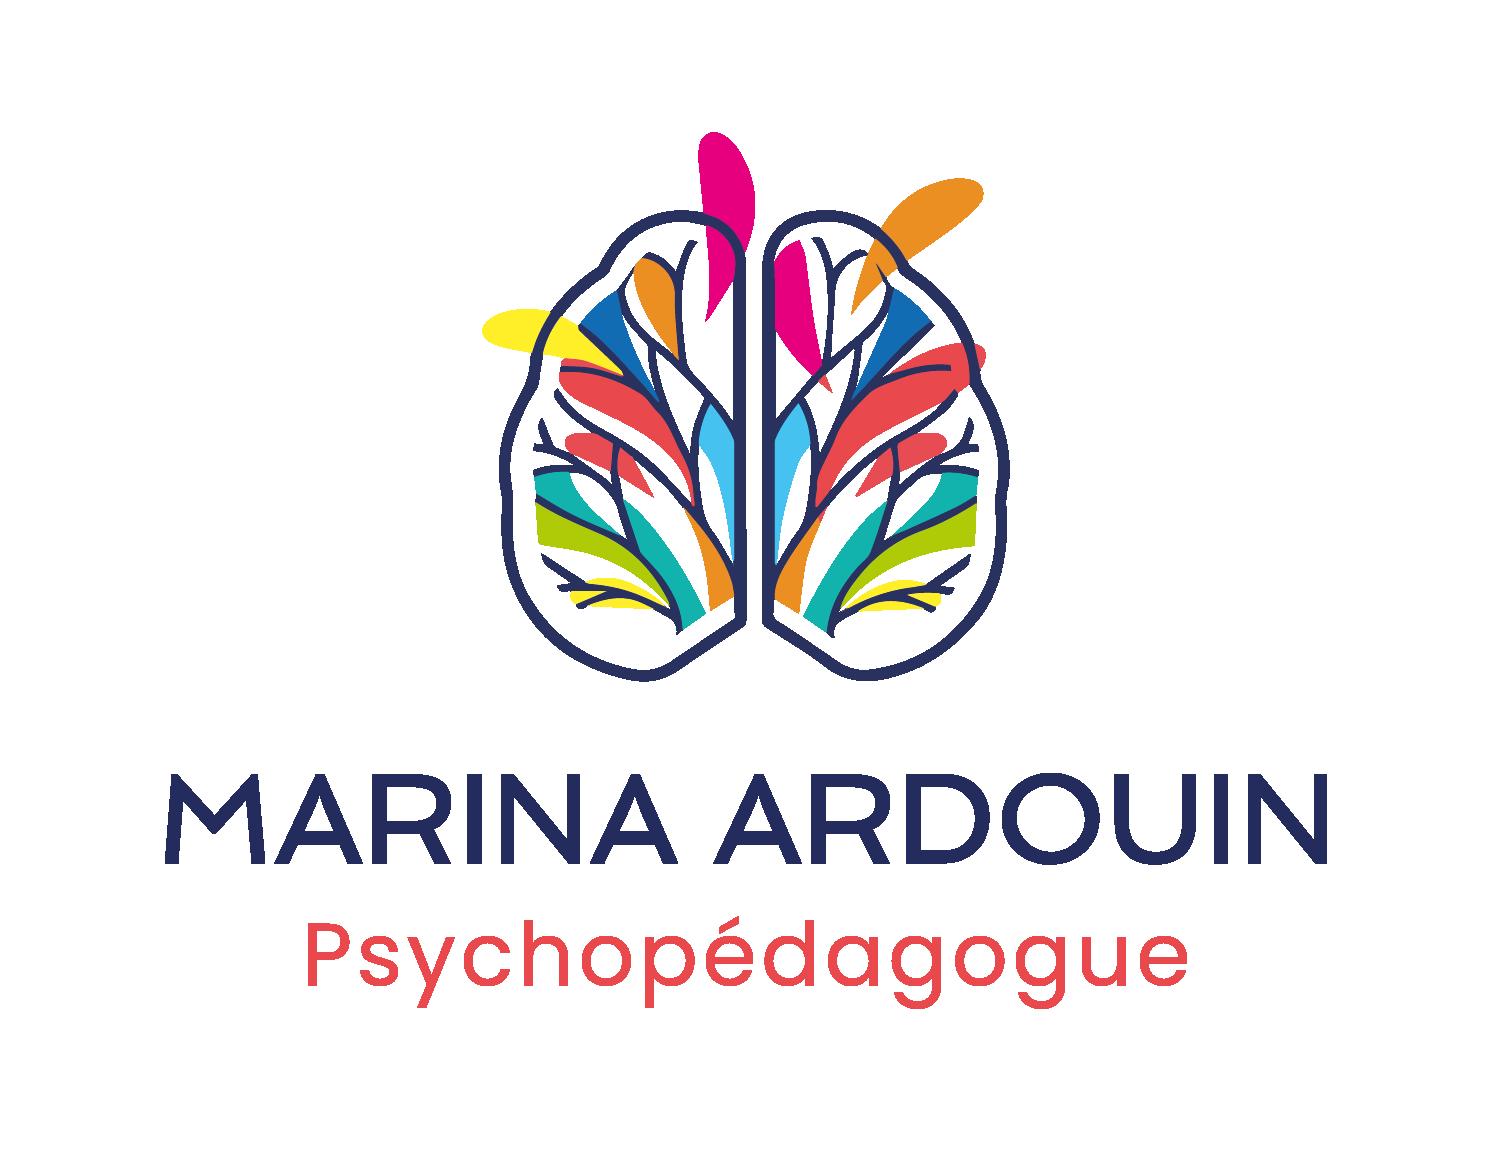 Marina Ardouin